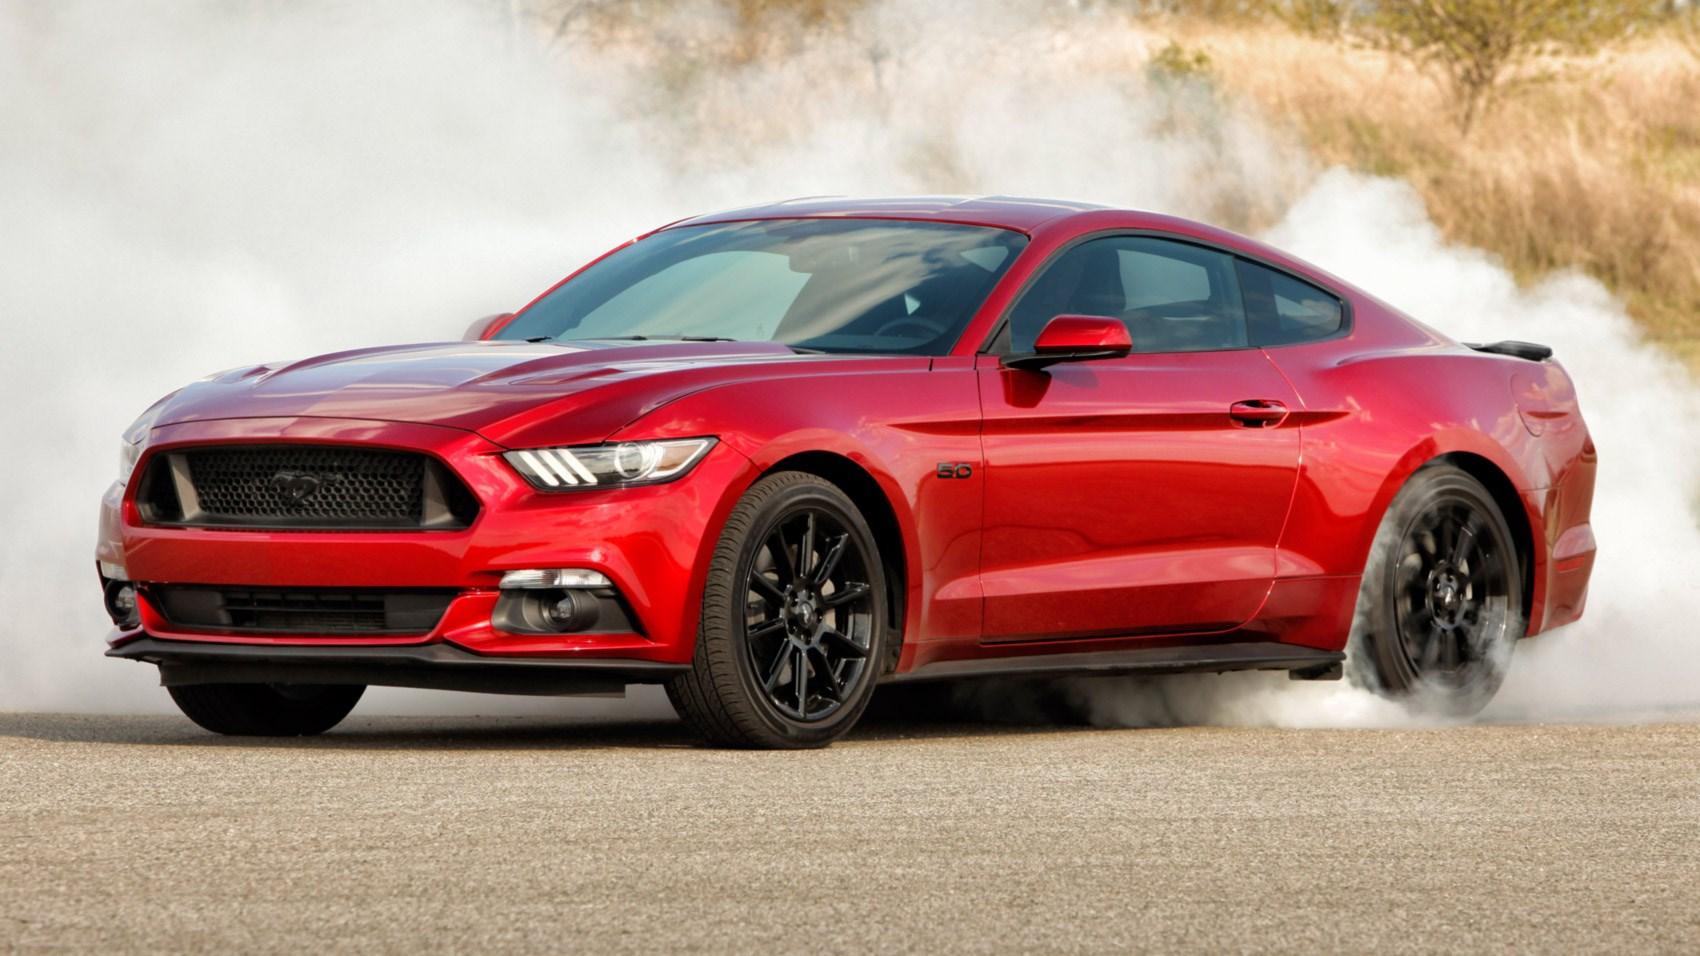 La Ford Mustang è l'auto sportiva più venduta al mondo